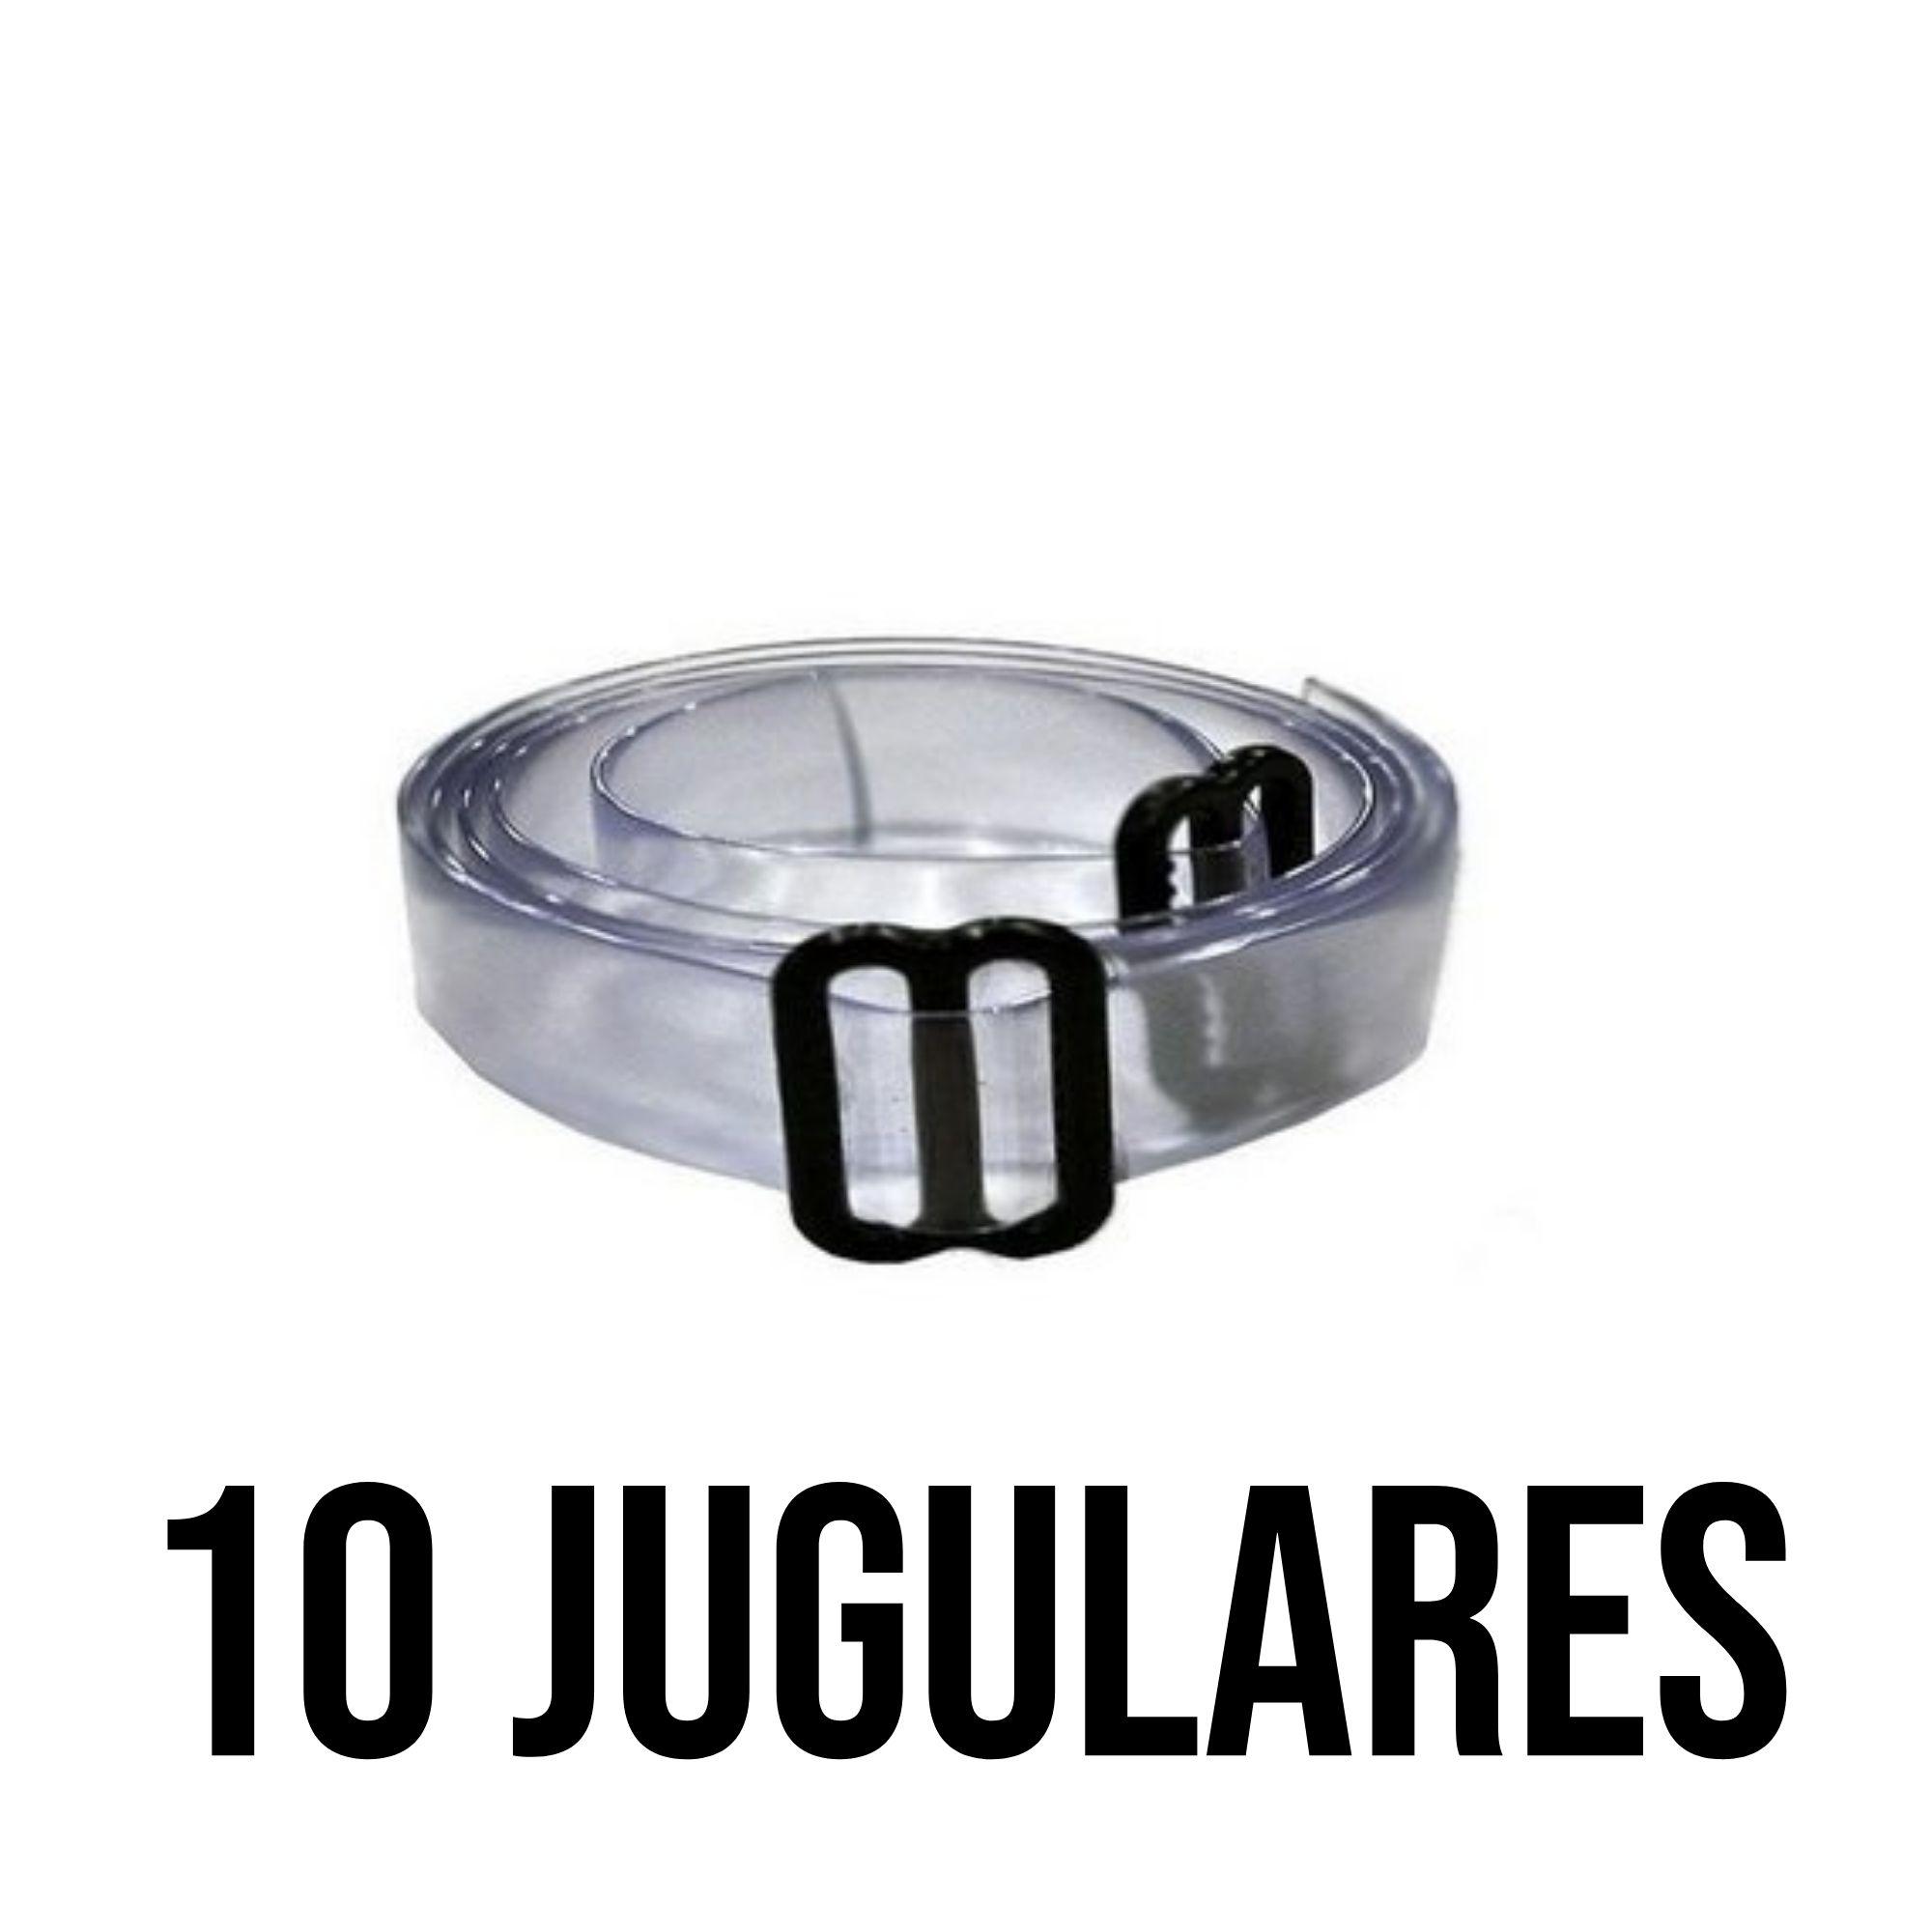 Kit de 10 unidades de JUGULAR DE SILICONE - PLASTCOR Cor: Transparente  - DE PAULA EPI